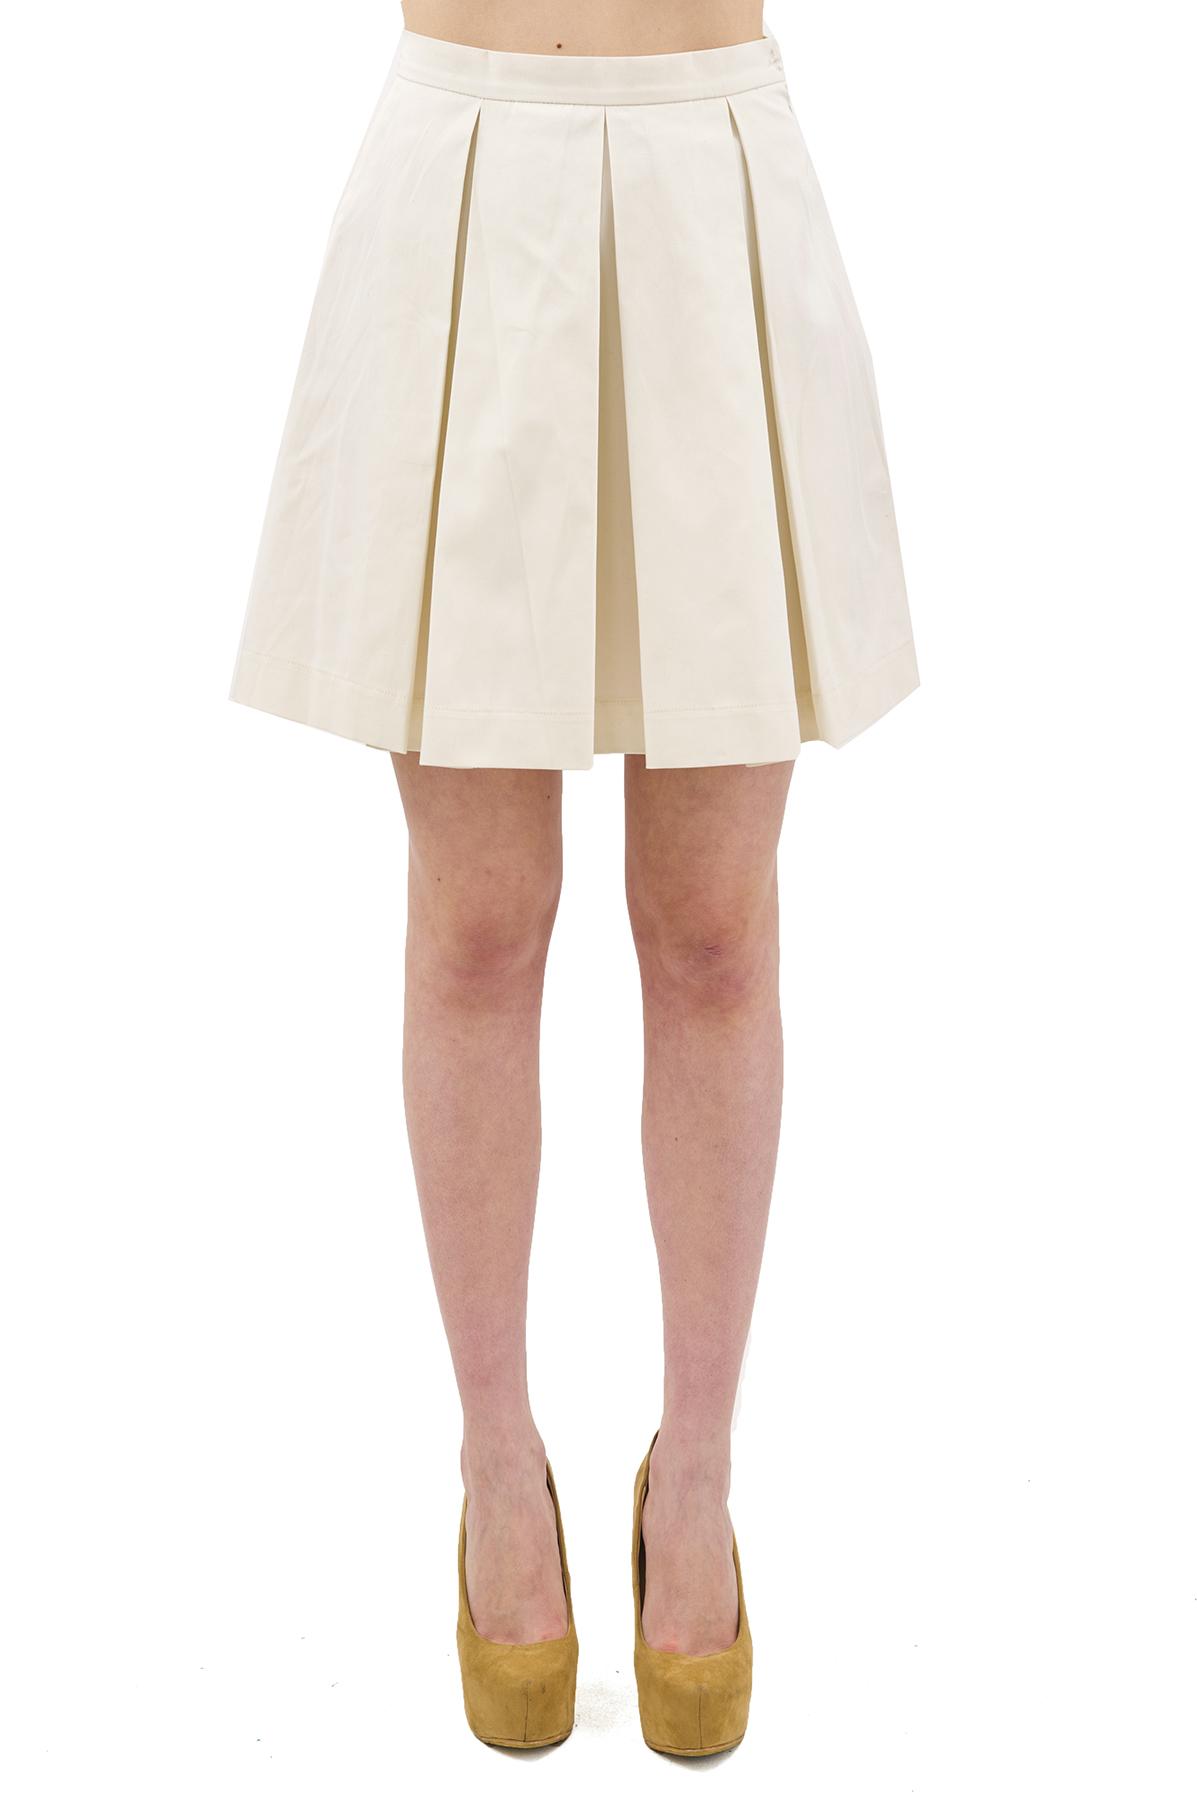 ЮбкаЖенские юбки и брюки<br>Стильная юбка актуальной длины  для ярких и уверенных в своей неотразимости женщин. Изделие прекрасно сочетается со многими элементами гардероба.<br><br>Цвет: молочный<br>Состав: 97% хлопок, 3% лайкра<br>Размер: 40,44,46,48,50,52,54,56,58,60<br>Страна дизайна: Россия<br>Страна производства: Россия